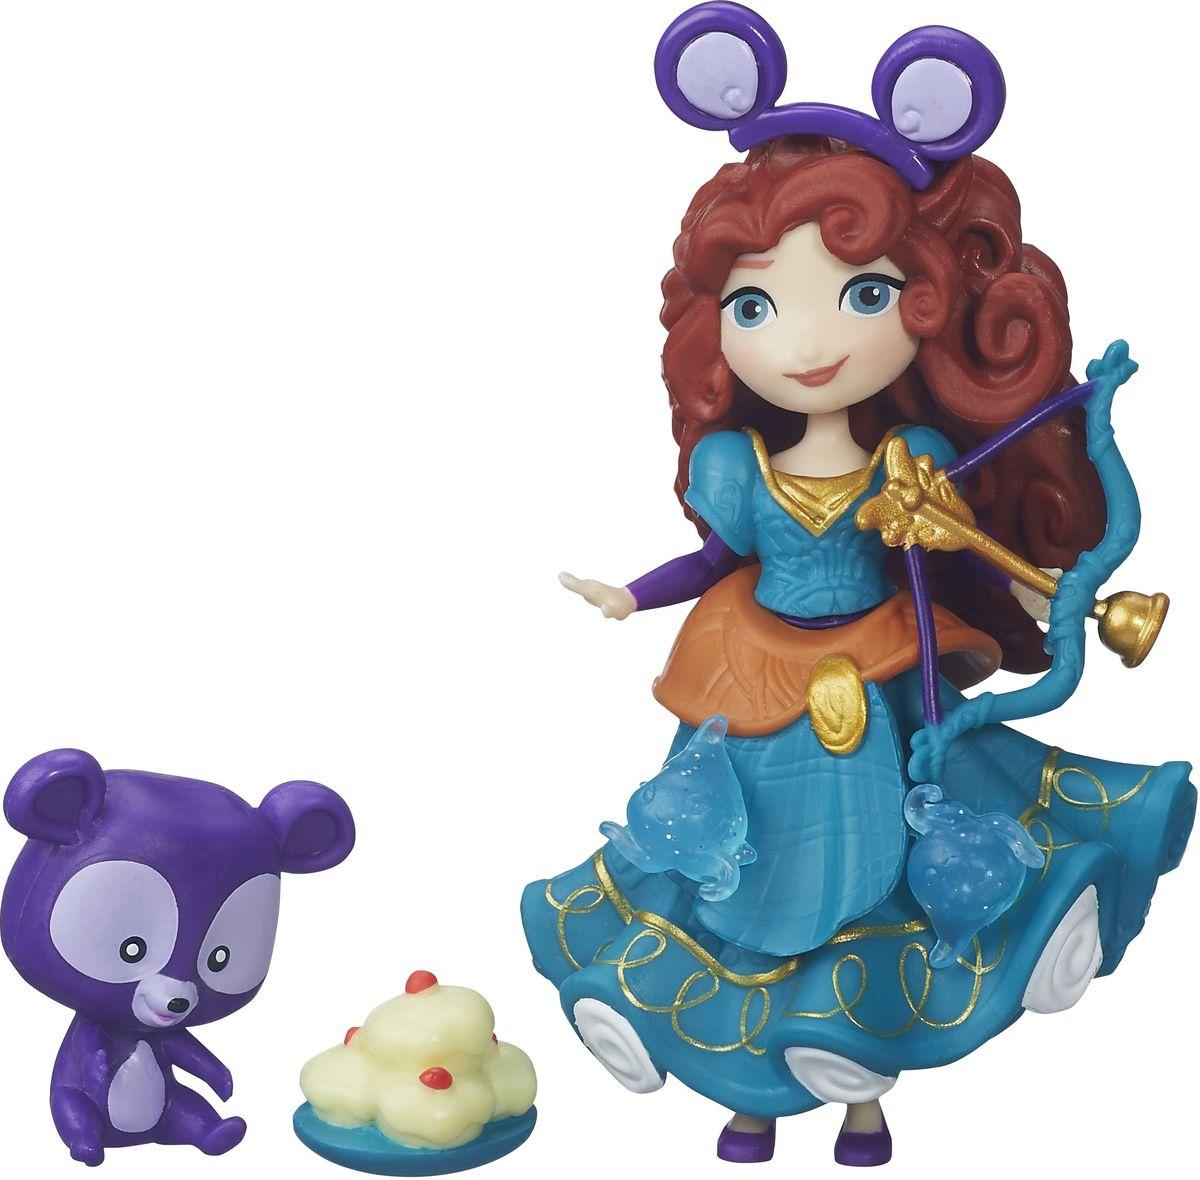 Disney Princess Игровой набор с мини-куклой Мерида и ее другB5332EU4_B53321Игровой набор Disney Мерида и ее друг придется по душе каждой маленькой принцессе. У куколки Мериды длинные рыжие волосы, она одета в пластиковое платье бирюзового цвета. Пышное платье украшено множеством оборками и декоративными элементами. Хозяйка куклы сможет добавить к ним еще несколько - в комплект входят аксессуары, которые можно прикреплять к платью мини-куклы. Для этого в наряде имеются небольшие отверстия, в которые они вставляются. Эти отверстия не бросаются в глаза, даже когда украшений нет, поэтому наличие украшений на подоле будет зависеть только от настроения хозяйки. Мини-кукла Мерида выглядит просто очаровательно. Она совсем небольшая по размеру, однако, тщательно проработана. Ее внешний вид полностью повторяет облик девушки в мультфильме, у куклы такое же милое лицо с большими глазами и густые волосы. Прическу можно украсить забавным ободком с фиолетовыми ушками. Кукла выполнена из прочного и безопасного пластика. В наборе с куколкой имеется и...